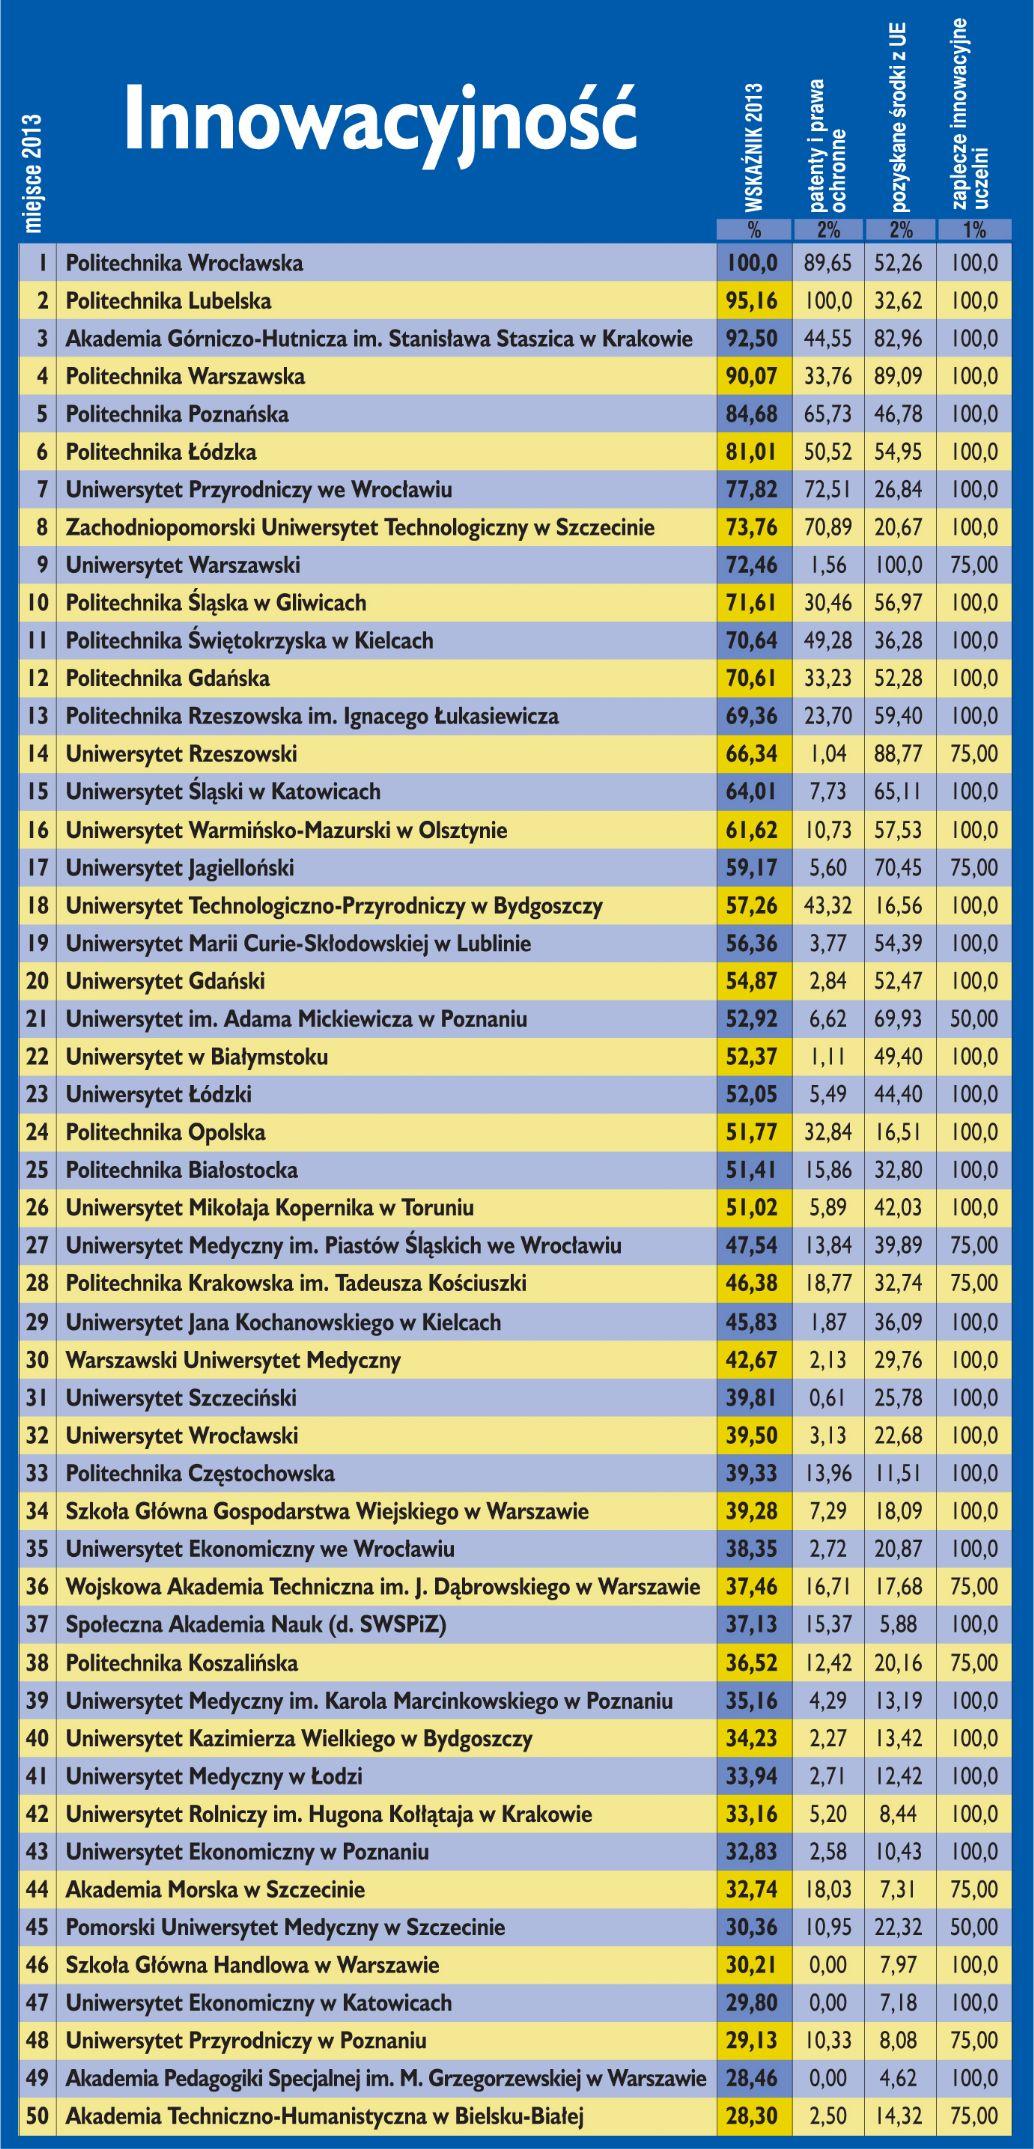 Ranking uczelni wg innowacyjności